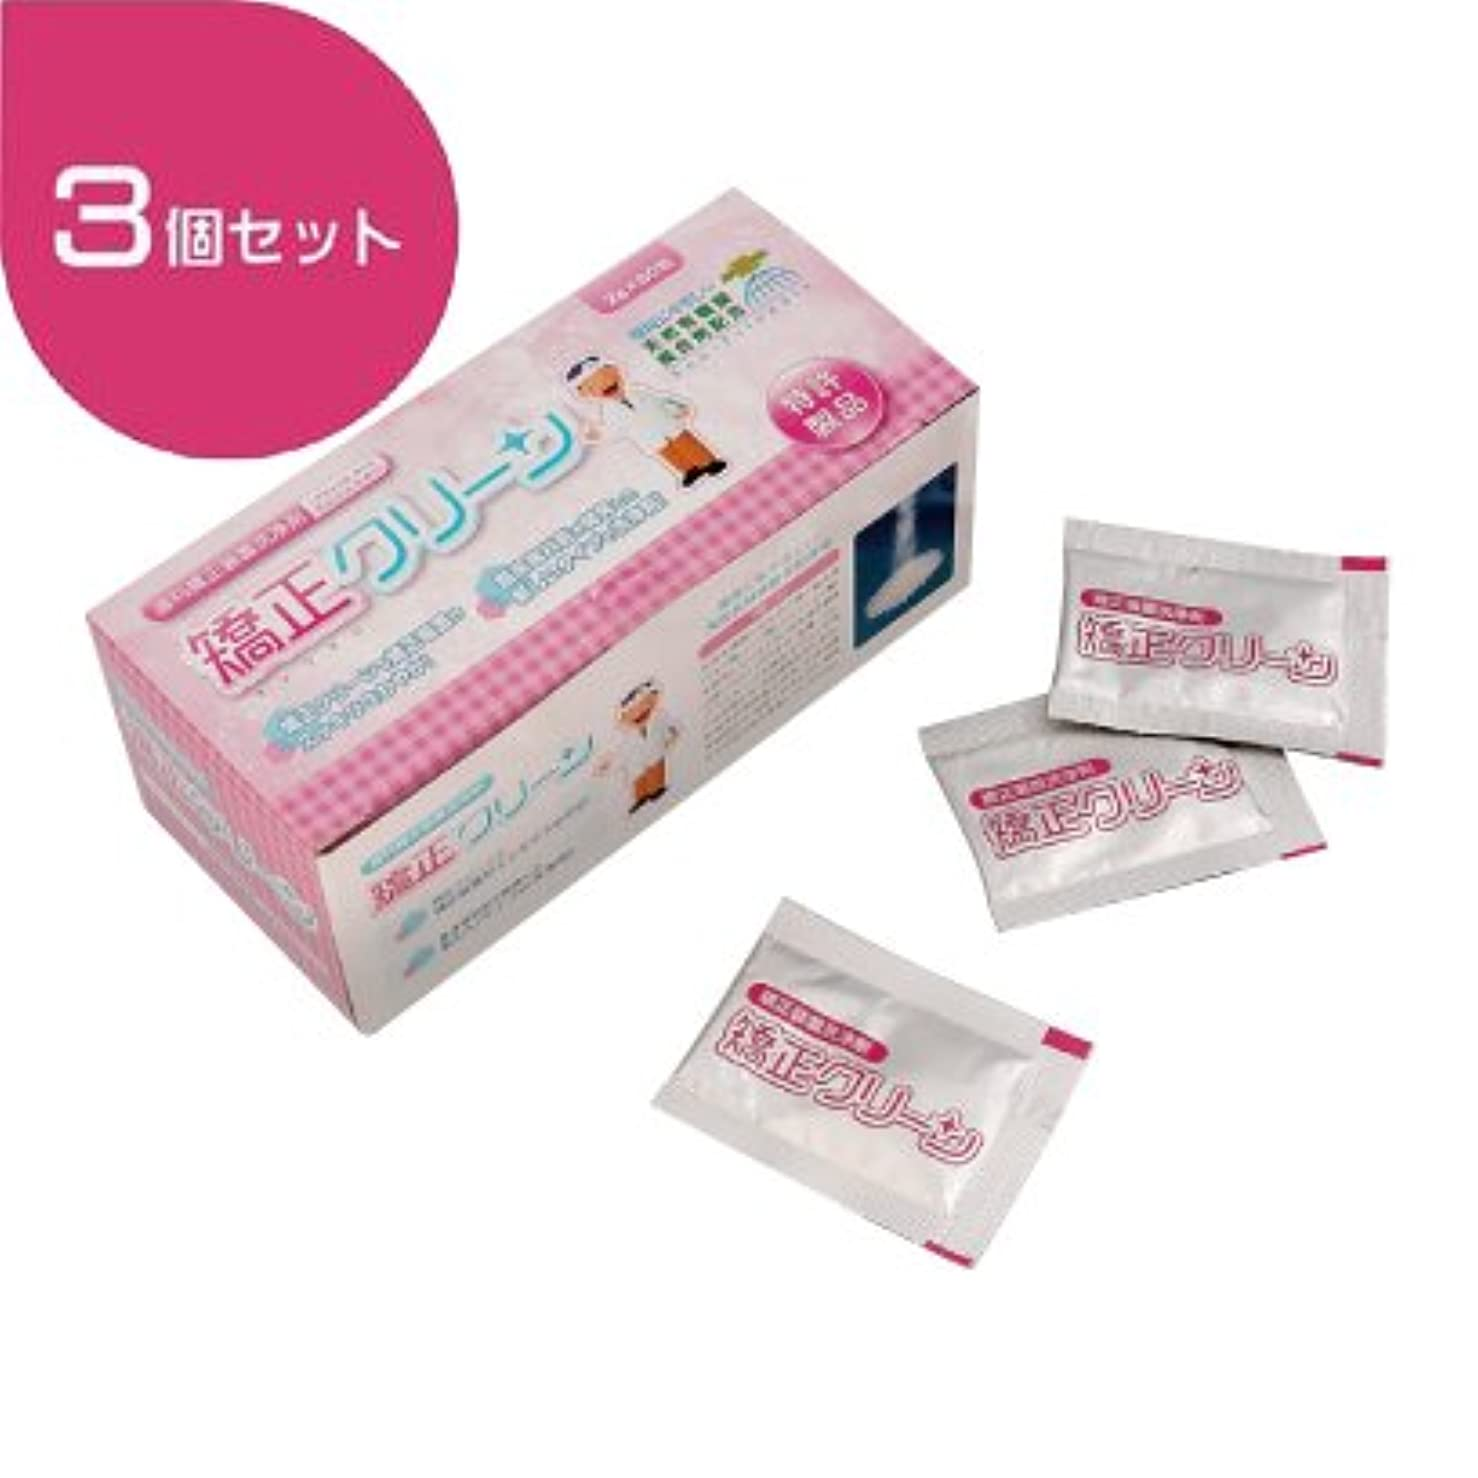 あさり誤解を招くヘビ矯正クリーン 1箱(2g×60包入り) × 3個 歯科矯正装置用洗浄剤